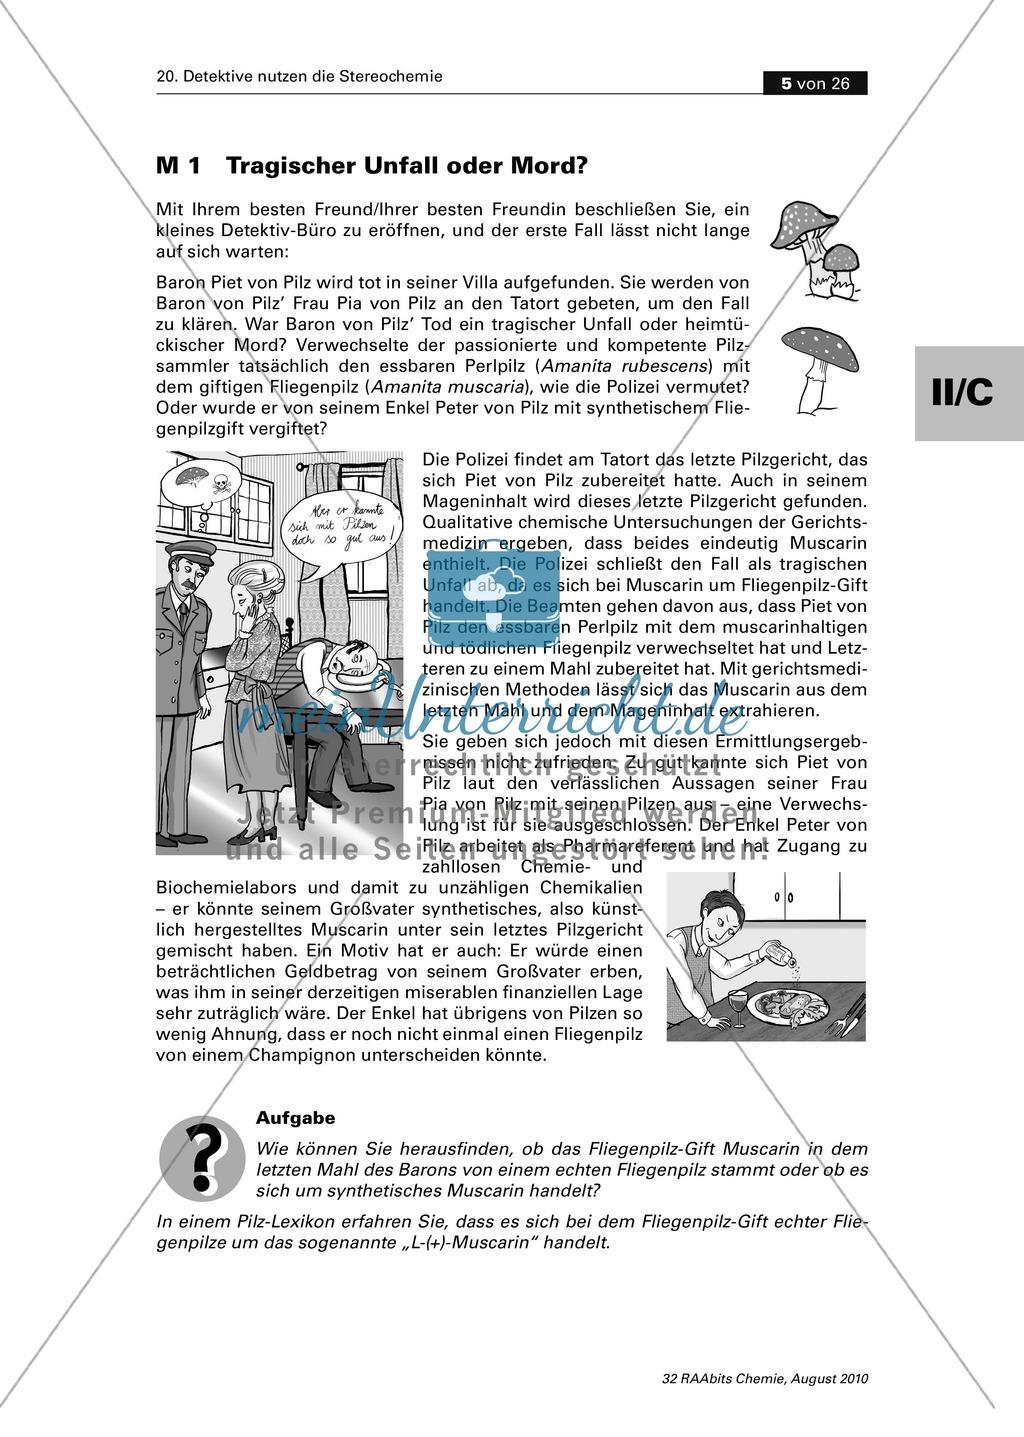 Die Stereochemie im spannenden Kontext: Aufklärung eines fiktiven Todesfalls durch L-(+)-Muscarin (Fliegenpilze) Preview 0